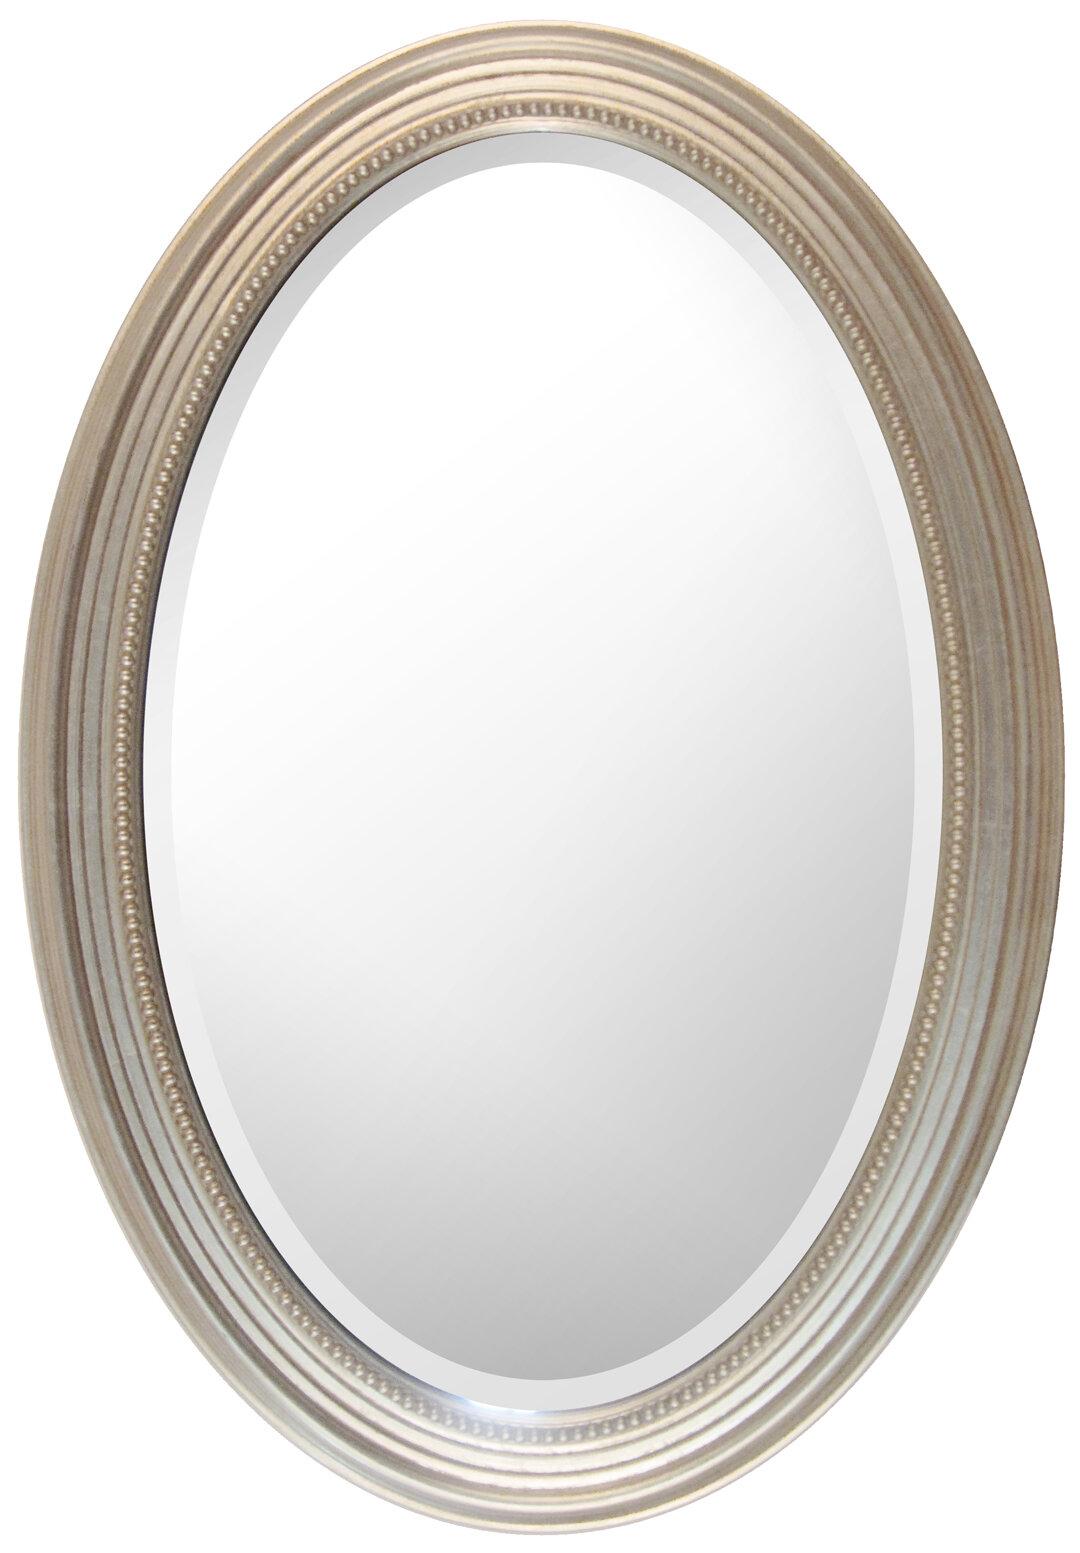 Charlton Home Aryana Oval Framed Wall Mirror   Wayfair